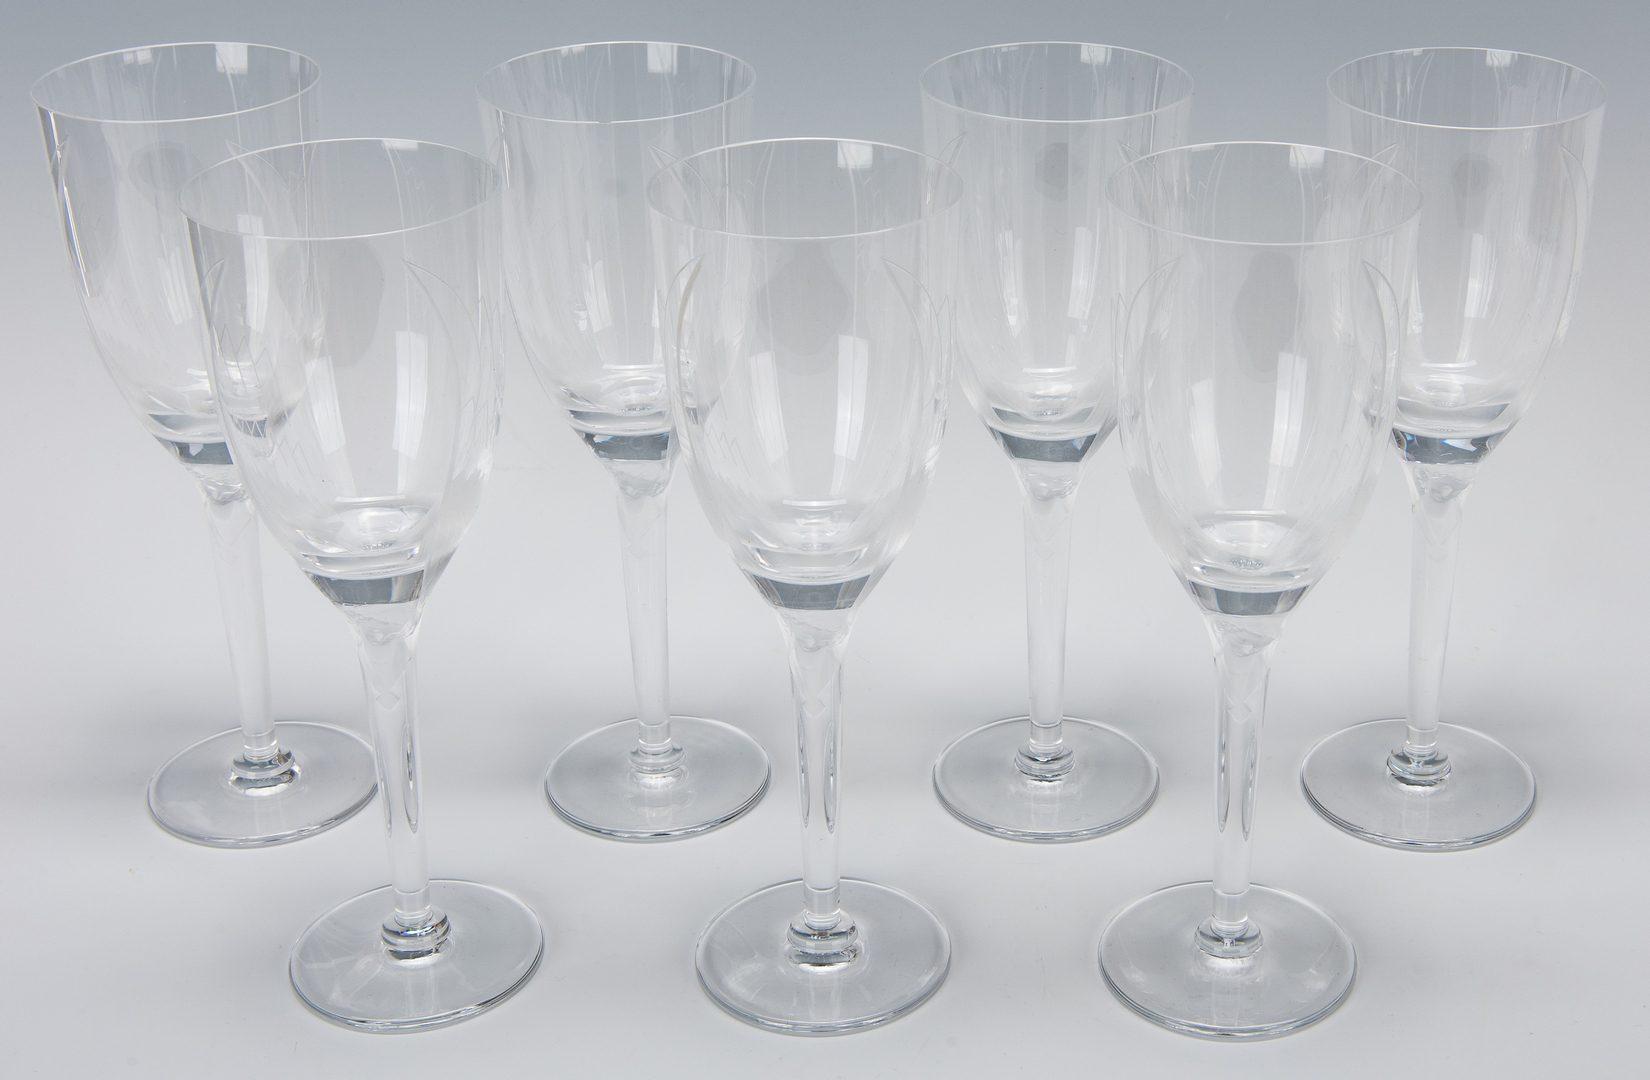 Lot 568: Set of 12 Lalique Champagne Flutes